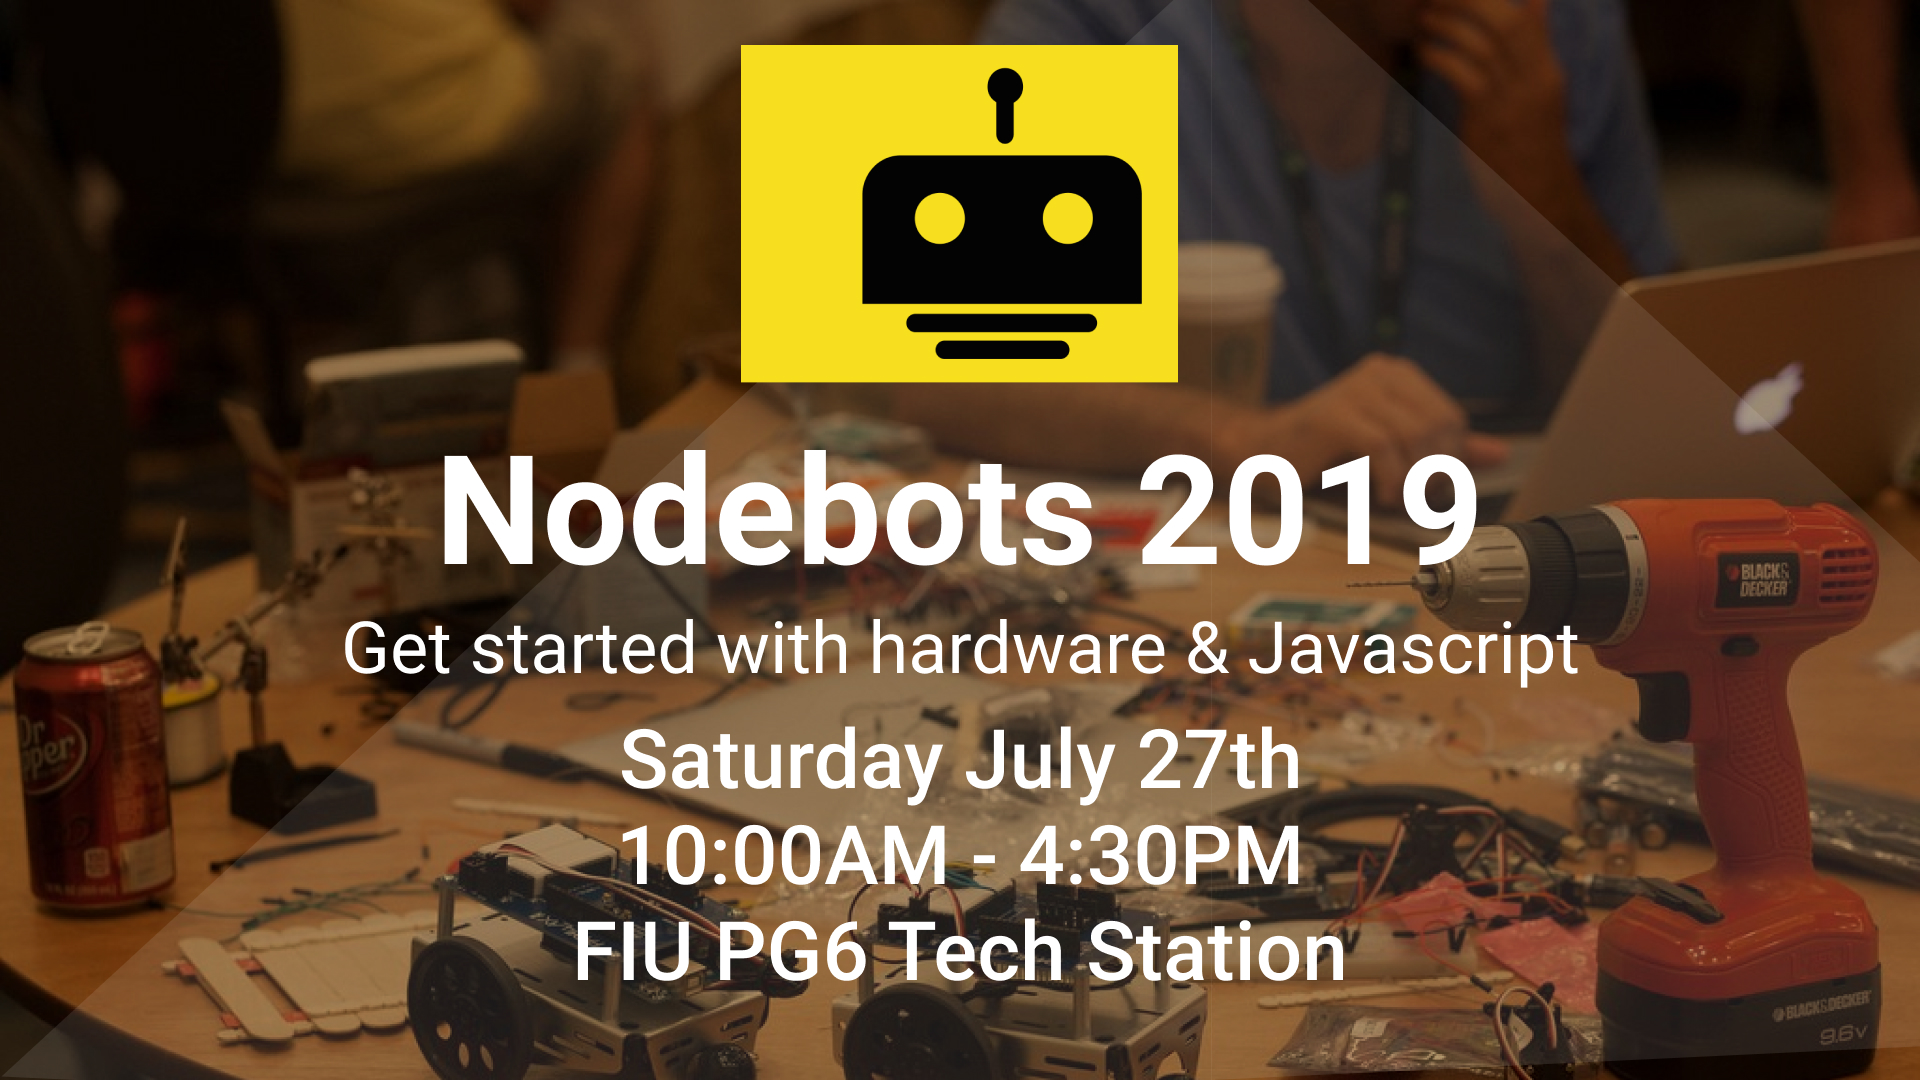 Image of NodeBots Day 2019 flyer